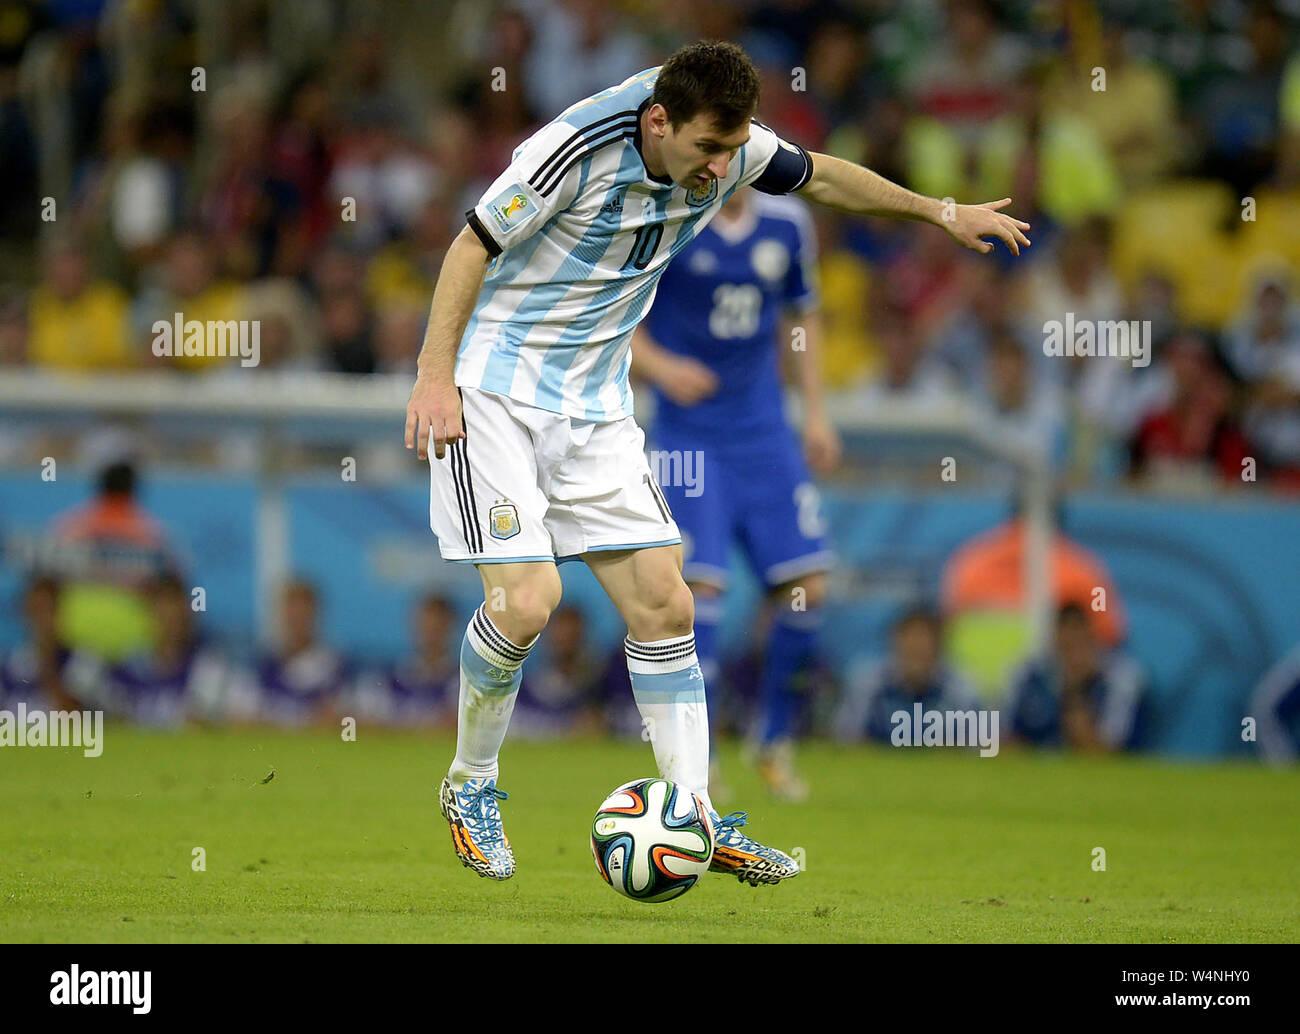 Futbolista argentino Leonel Messi, durante el partido de Argentina vs Bosnia para la Copa del Mundo de 2014, en el estadio de Maracaná, en la ciudad de Río de Jane Foto de stock